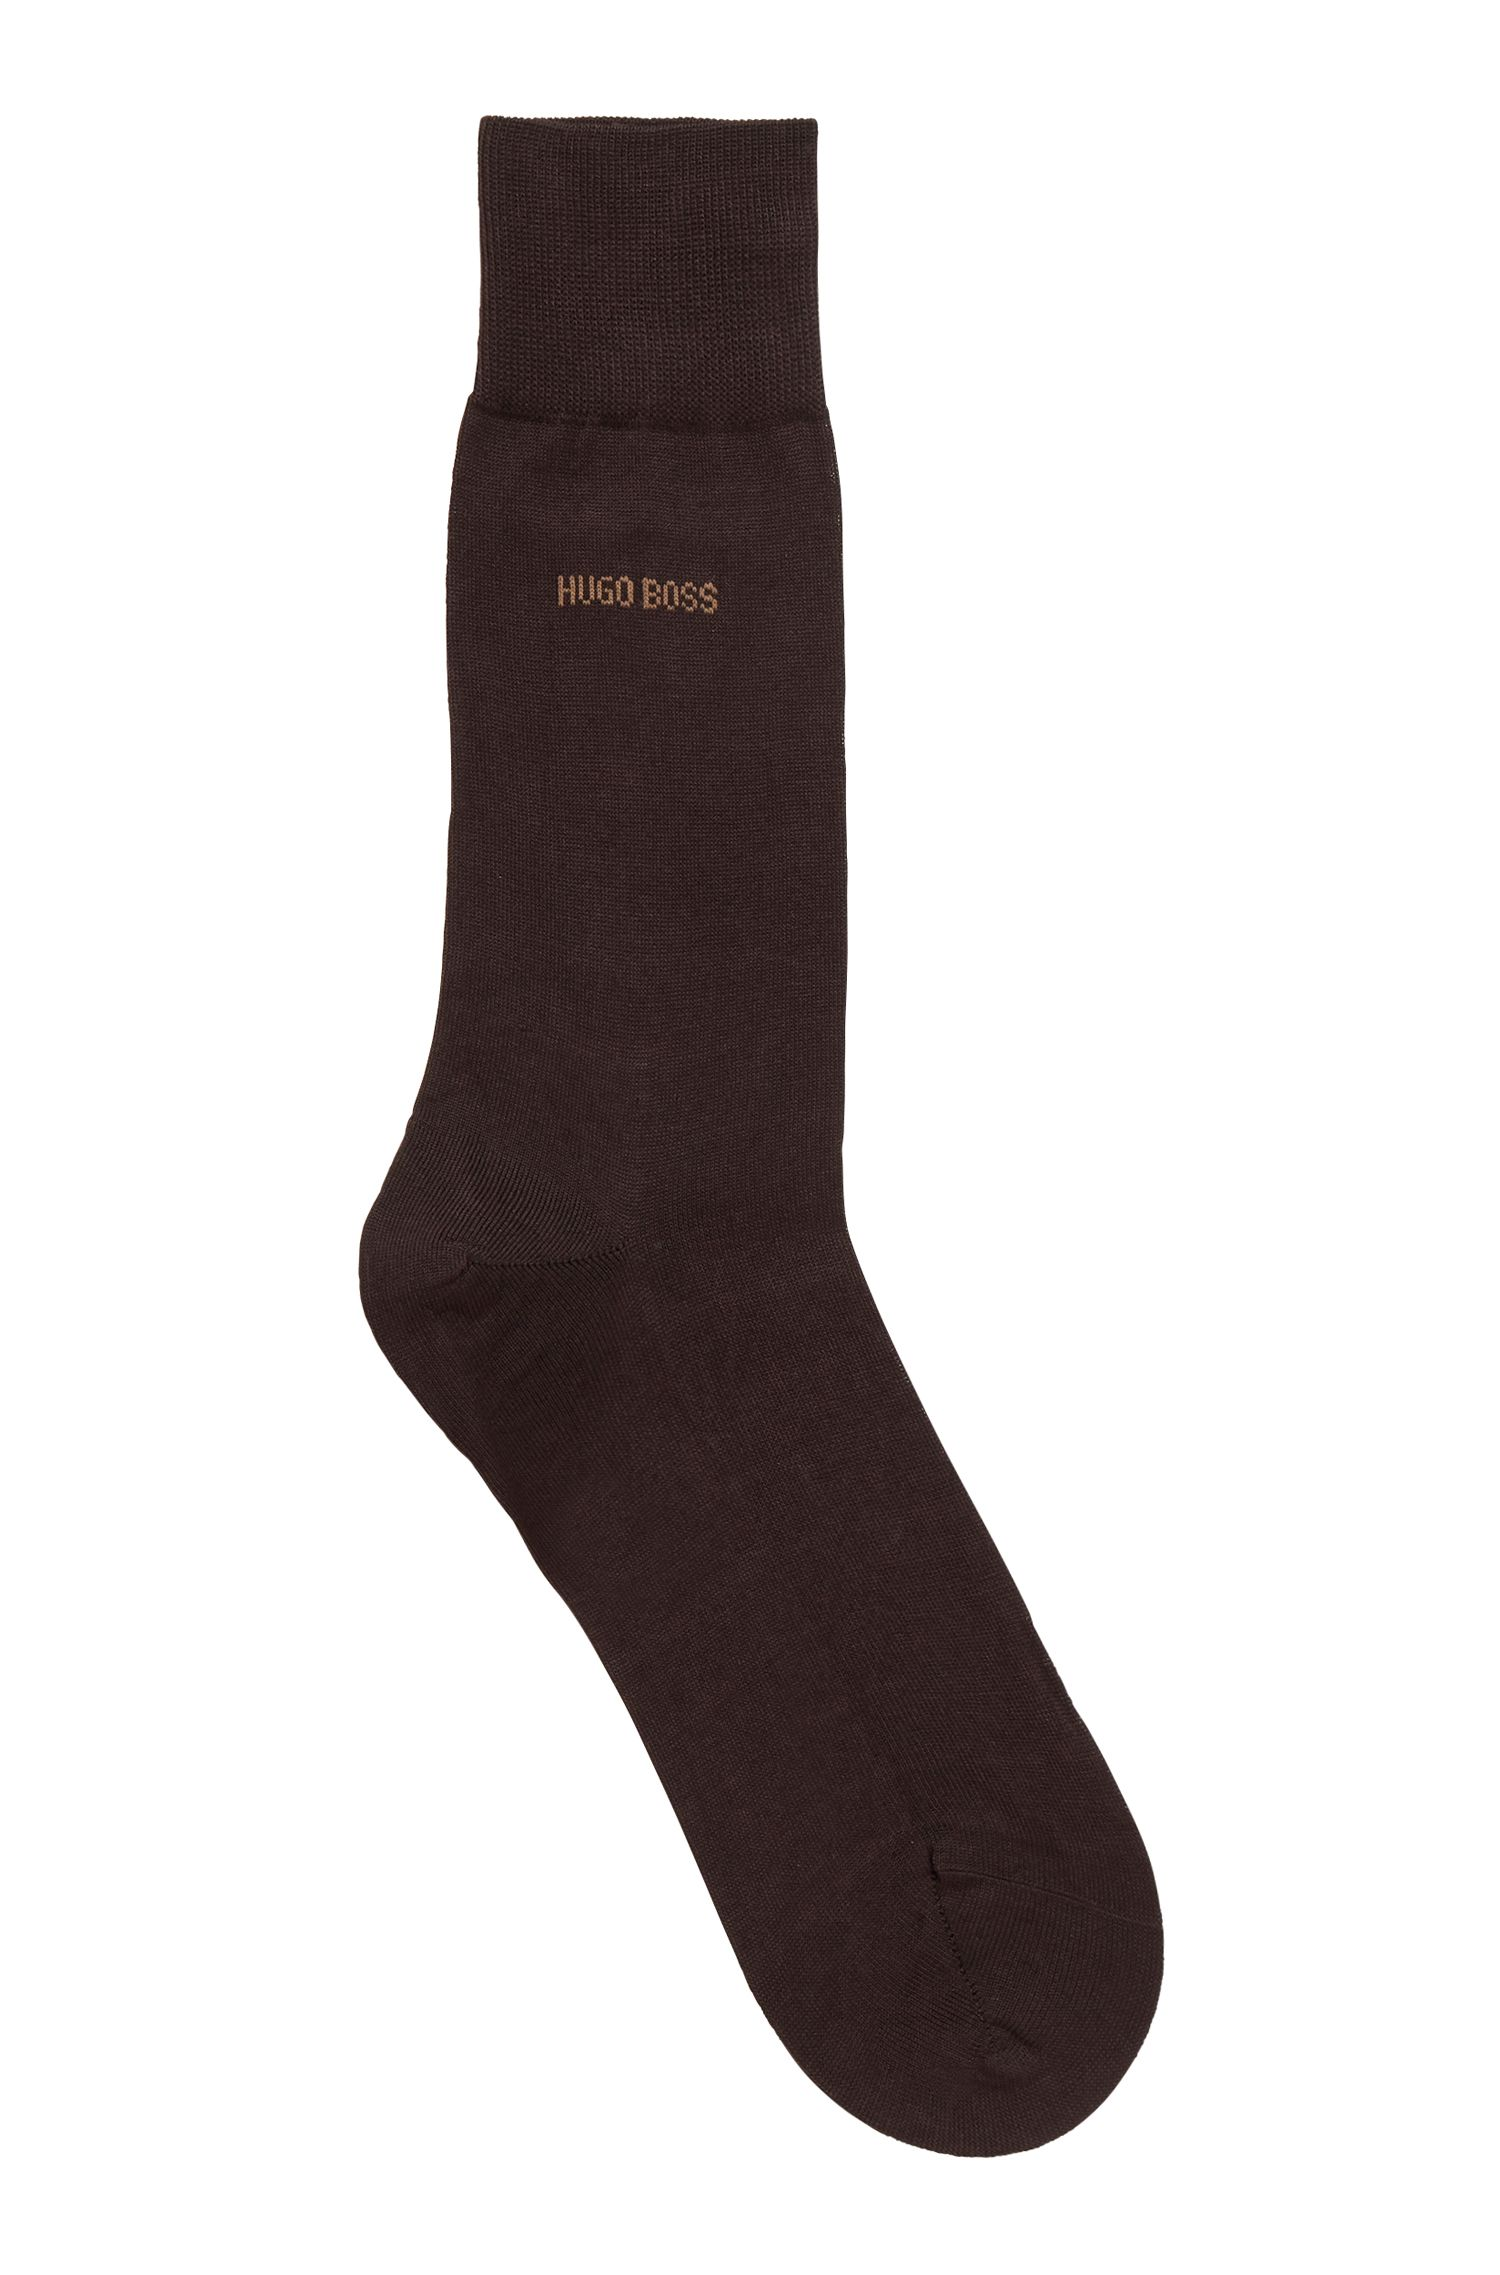 Socken aus merzerisierter ägyptischer Baumwolle mit verstärkten Sohlen, Dunkelbraun